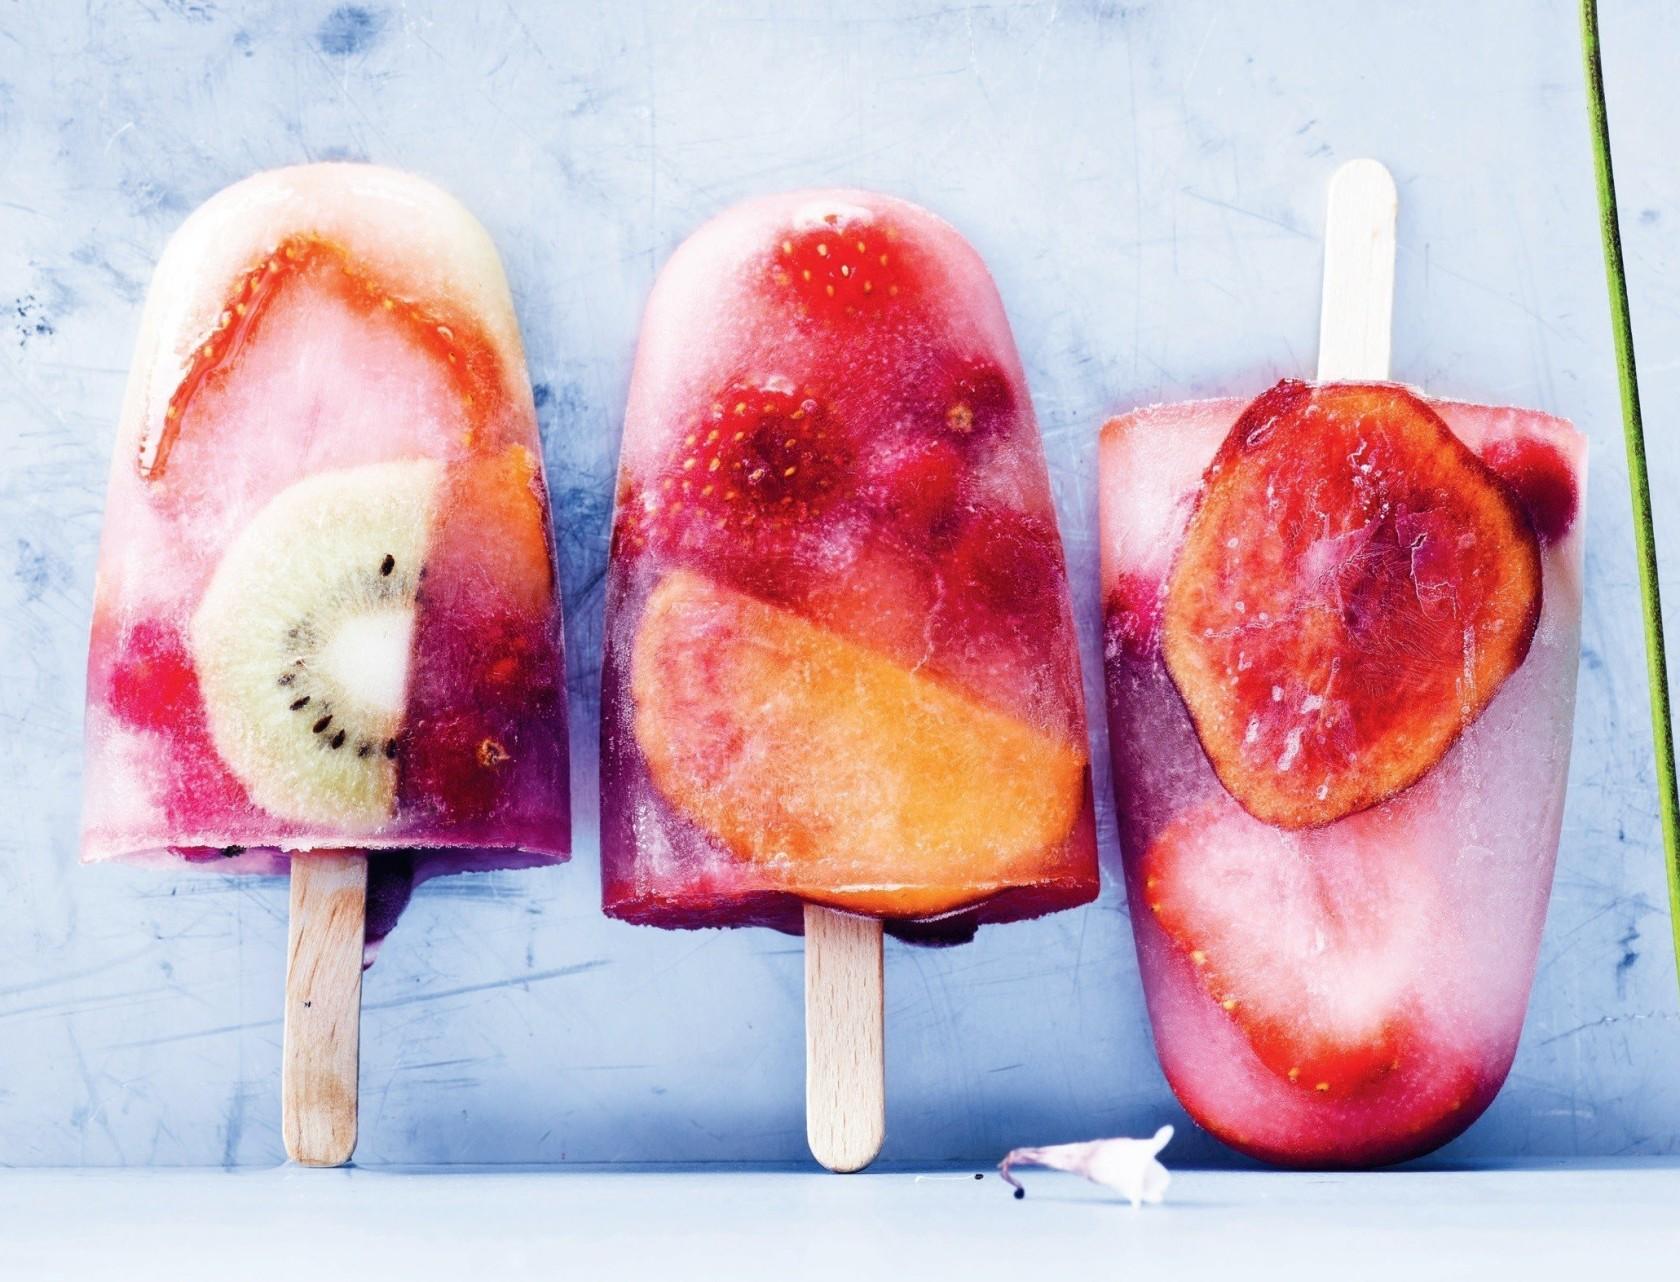 Frugt-ispinde med hyldeblomst - god opskrift på nemme is.